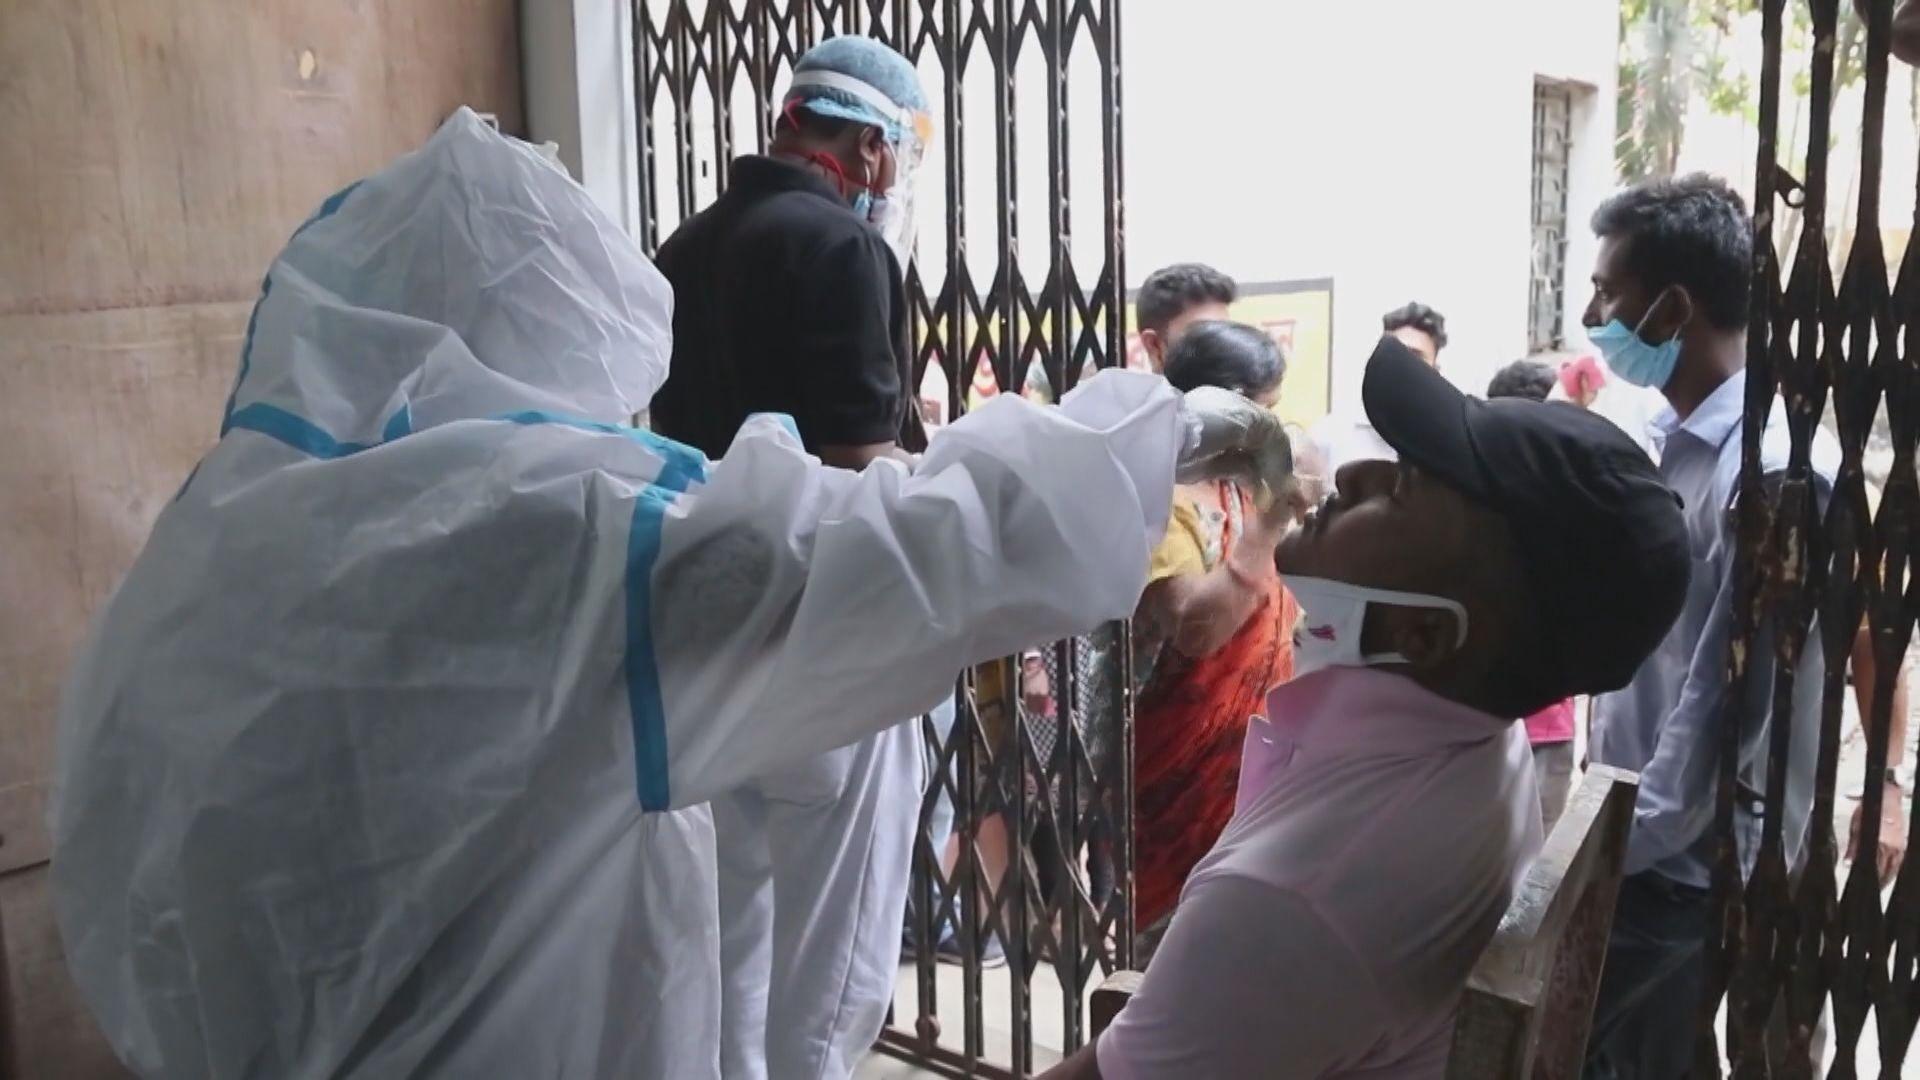 習近平向莫迪致電慰問 願向印度提供抗疫支持